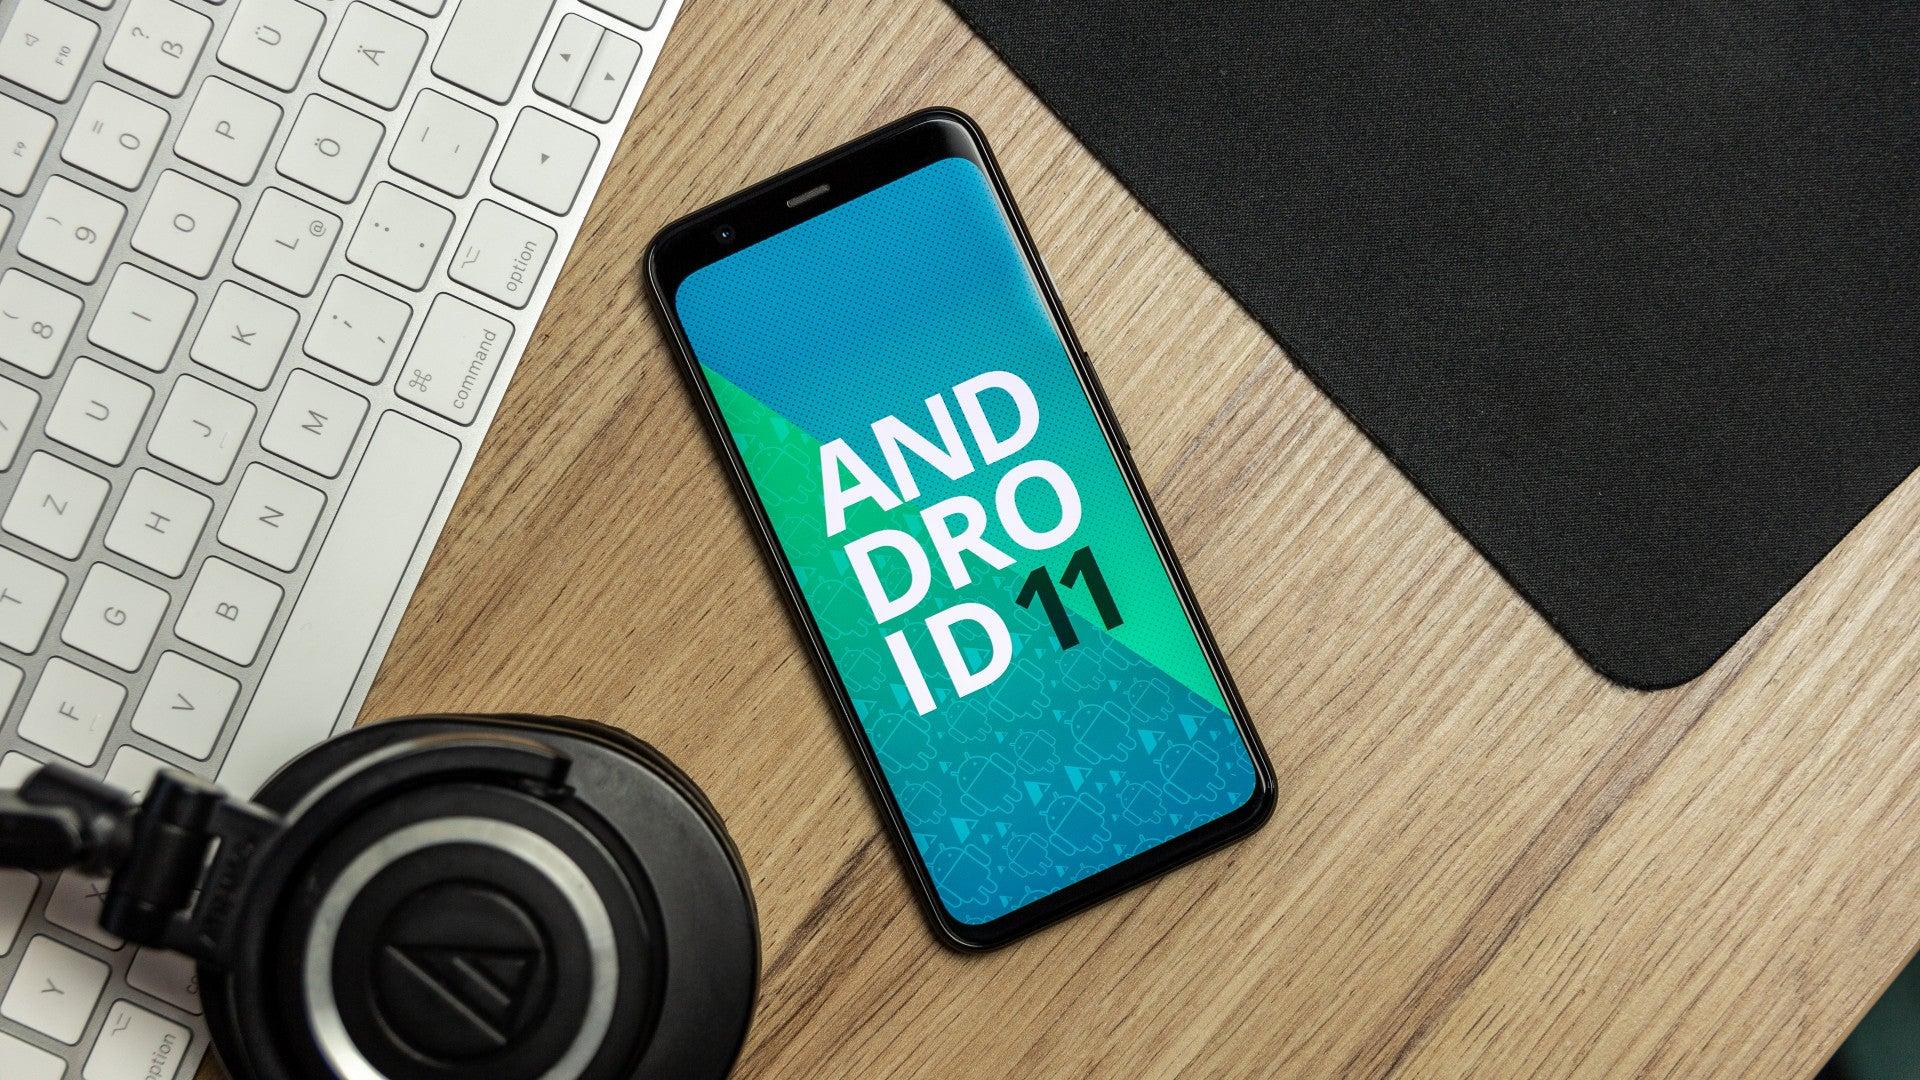 Десятка новшеств Android 11 и смартфоны с её поддержкой